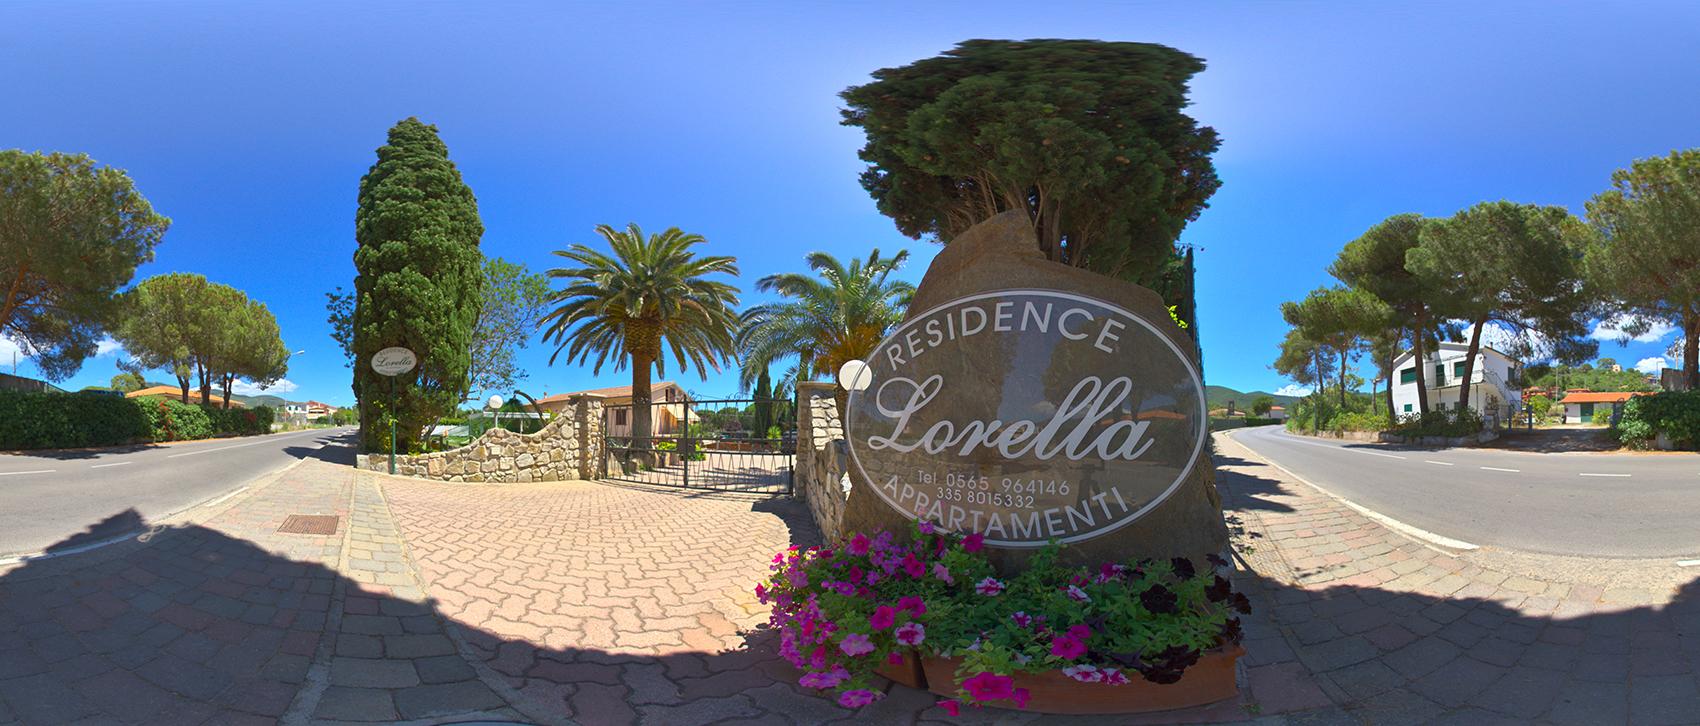 Residence Lorella